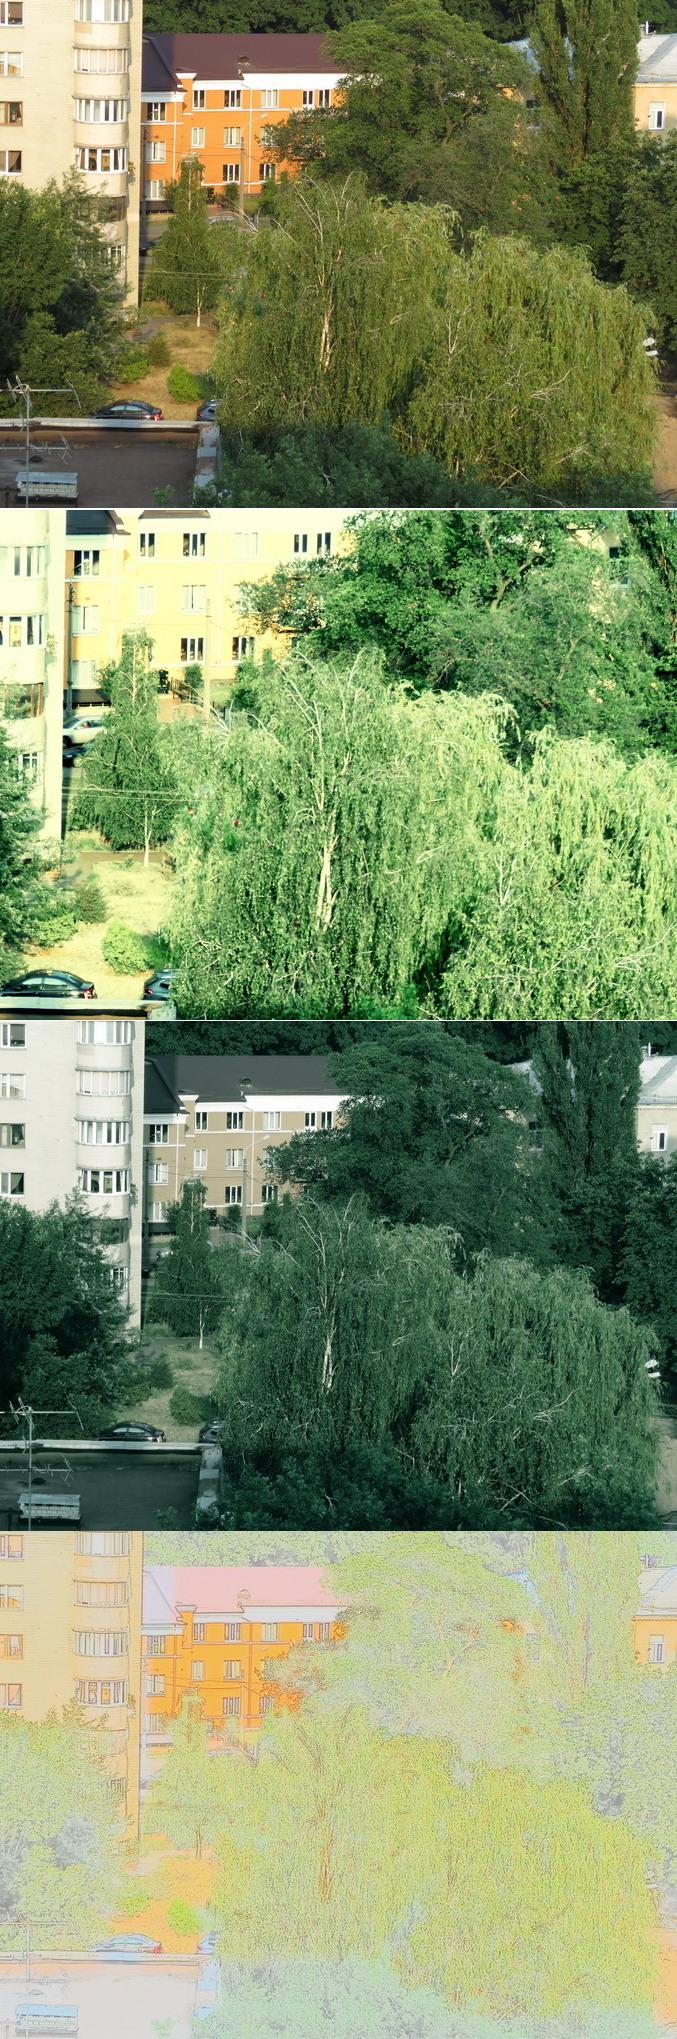 Во время фотосъемки SX60 HS обрабатывает изображение с помощью различных творческих эффектов